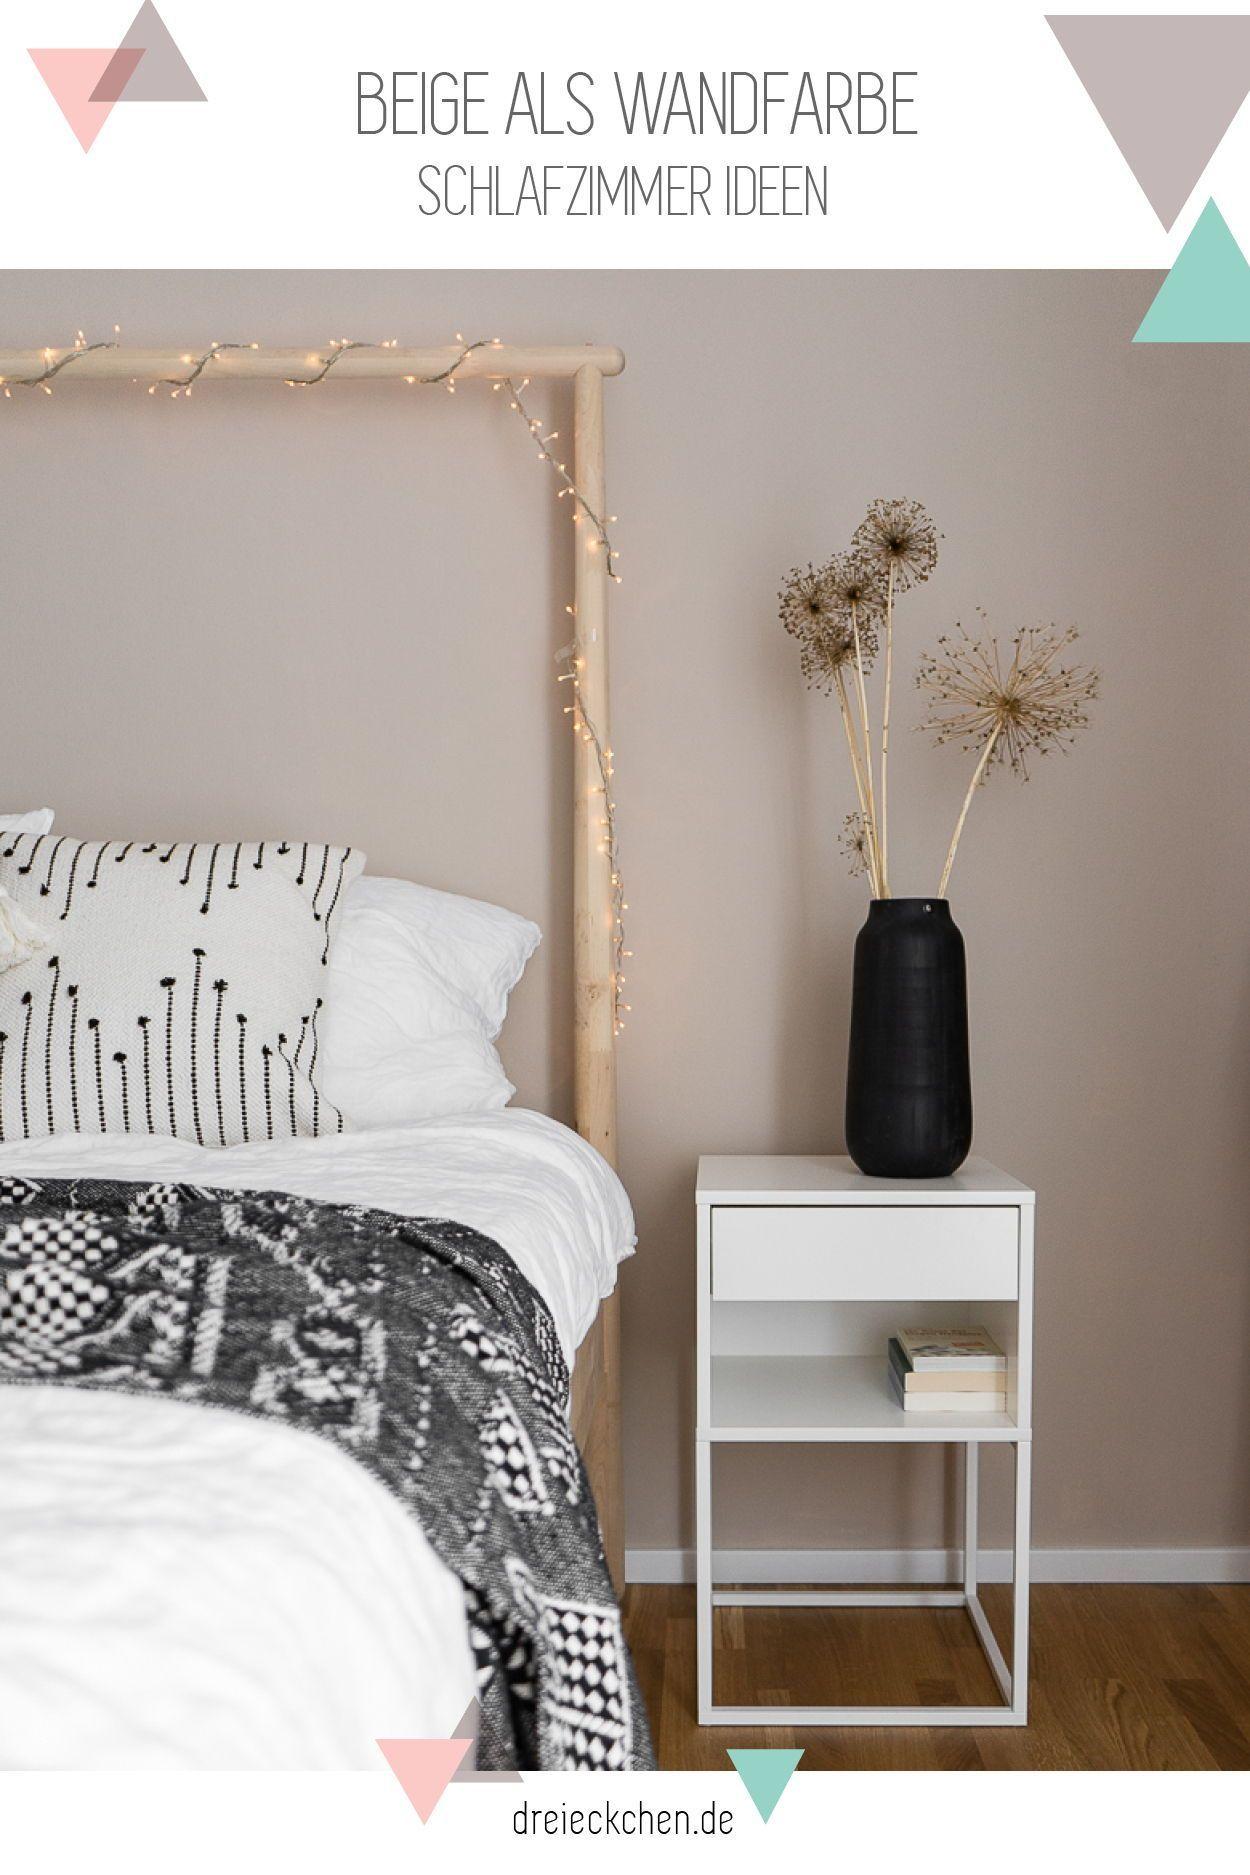 neue wandfarbe fürs schlafzimmer - beige als wandfarbe